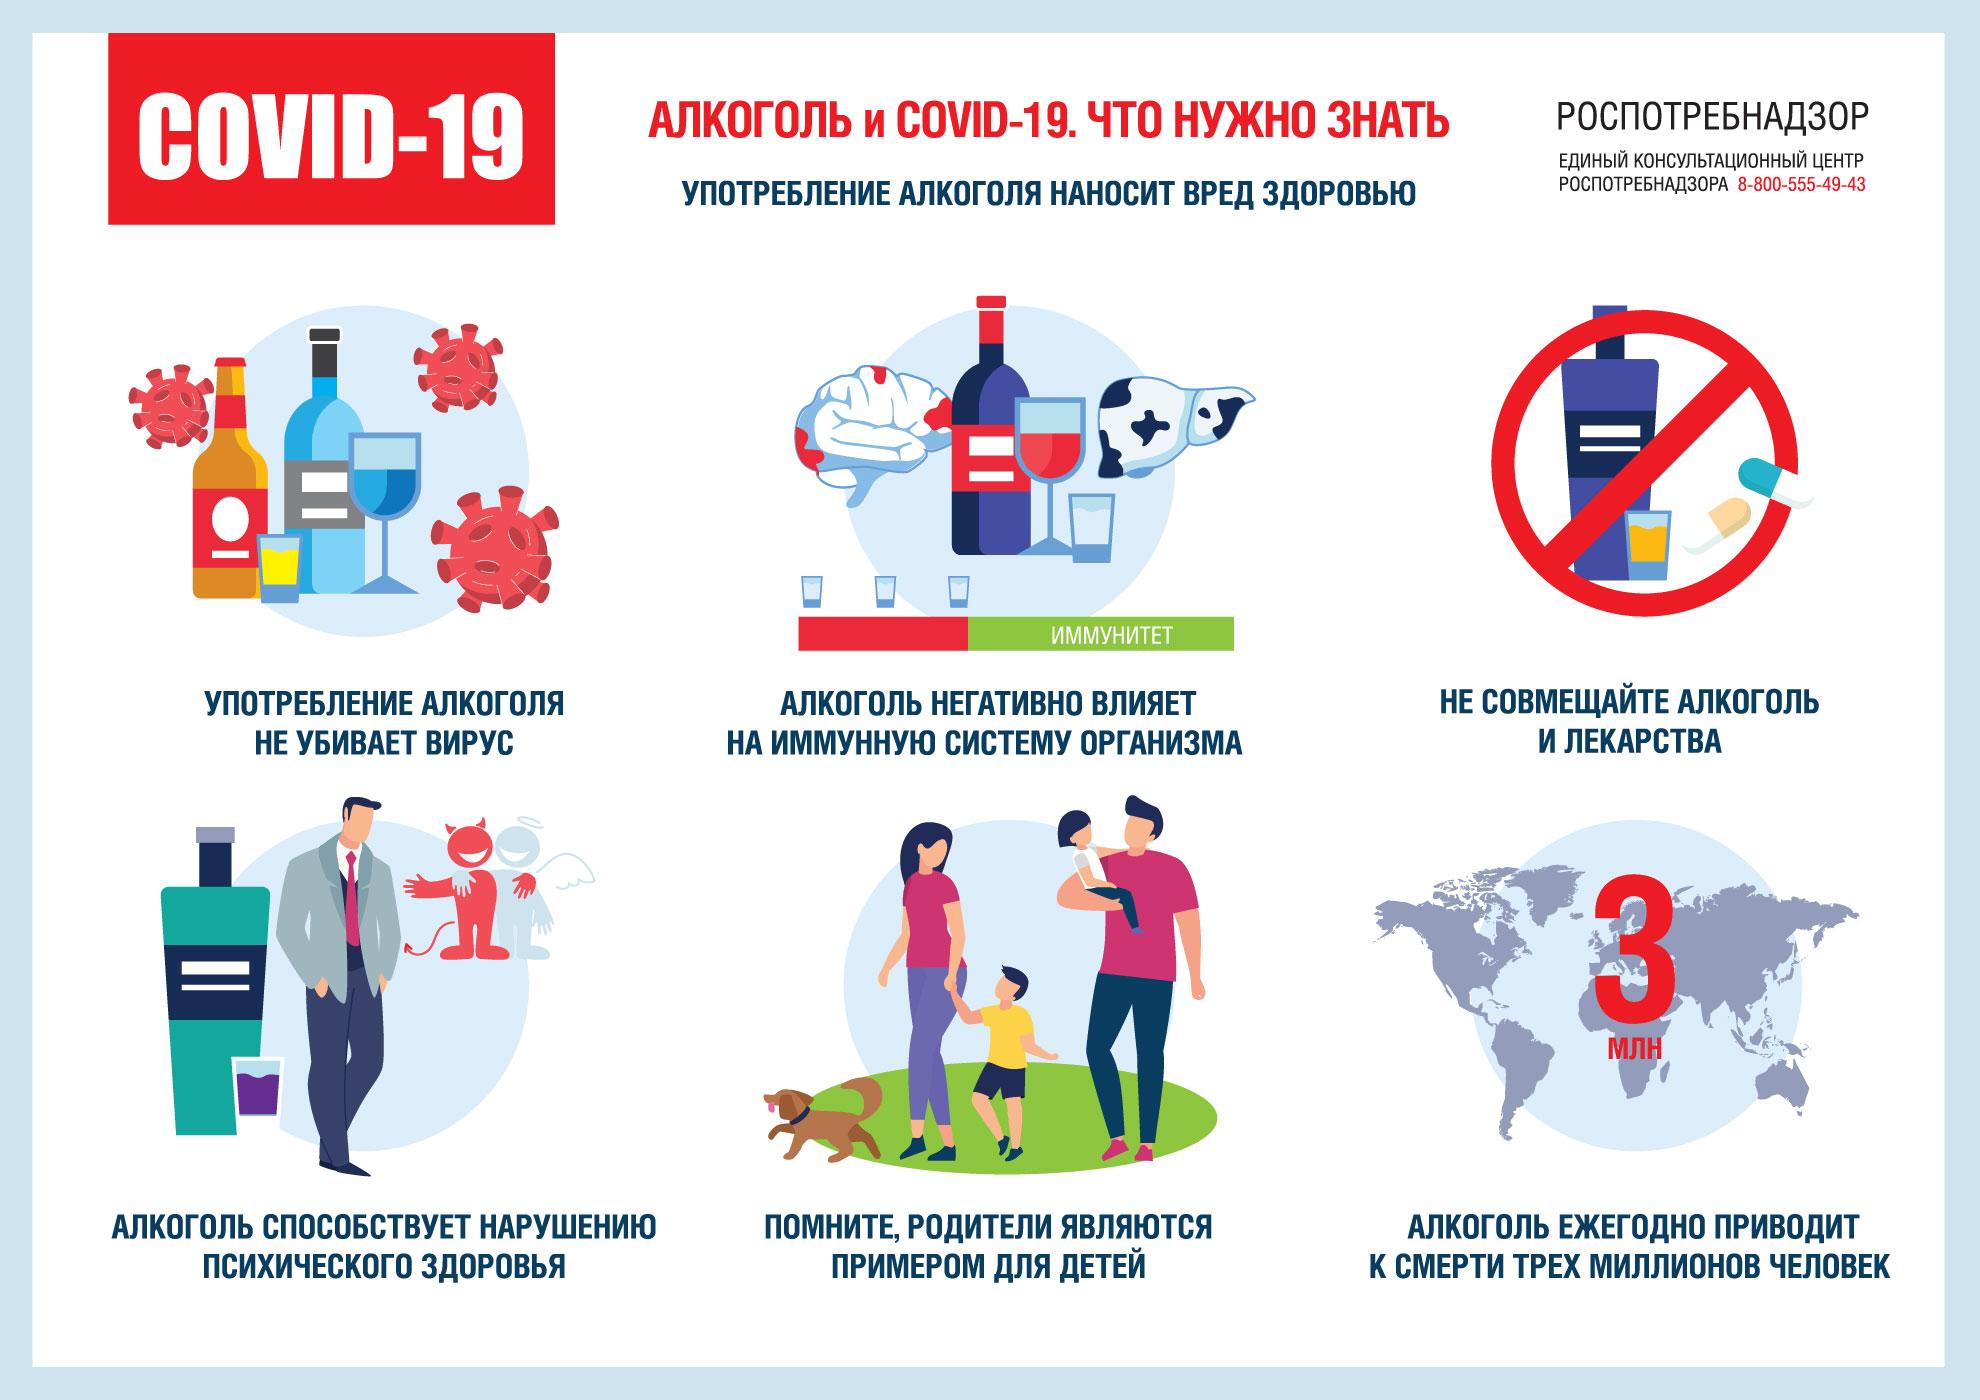 Об употреблении алкоголя в период пандемии новой коронавирусной инфекции COVID-19